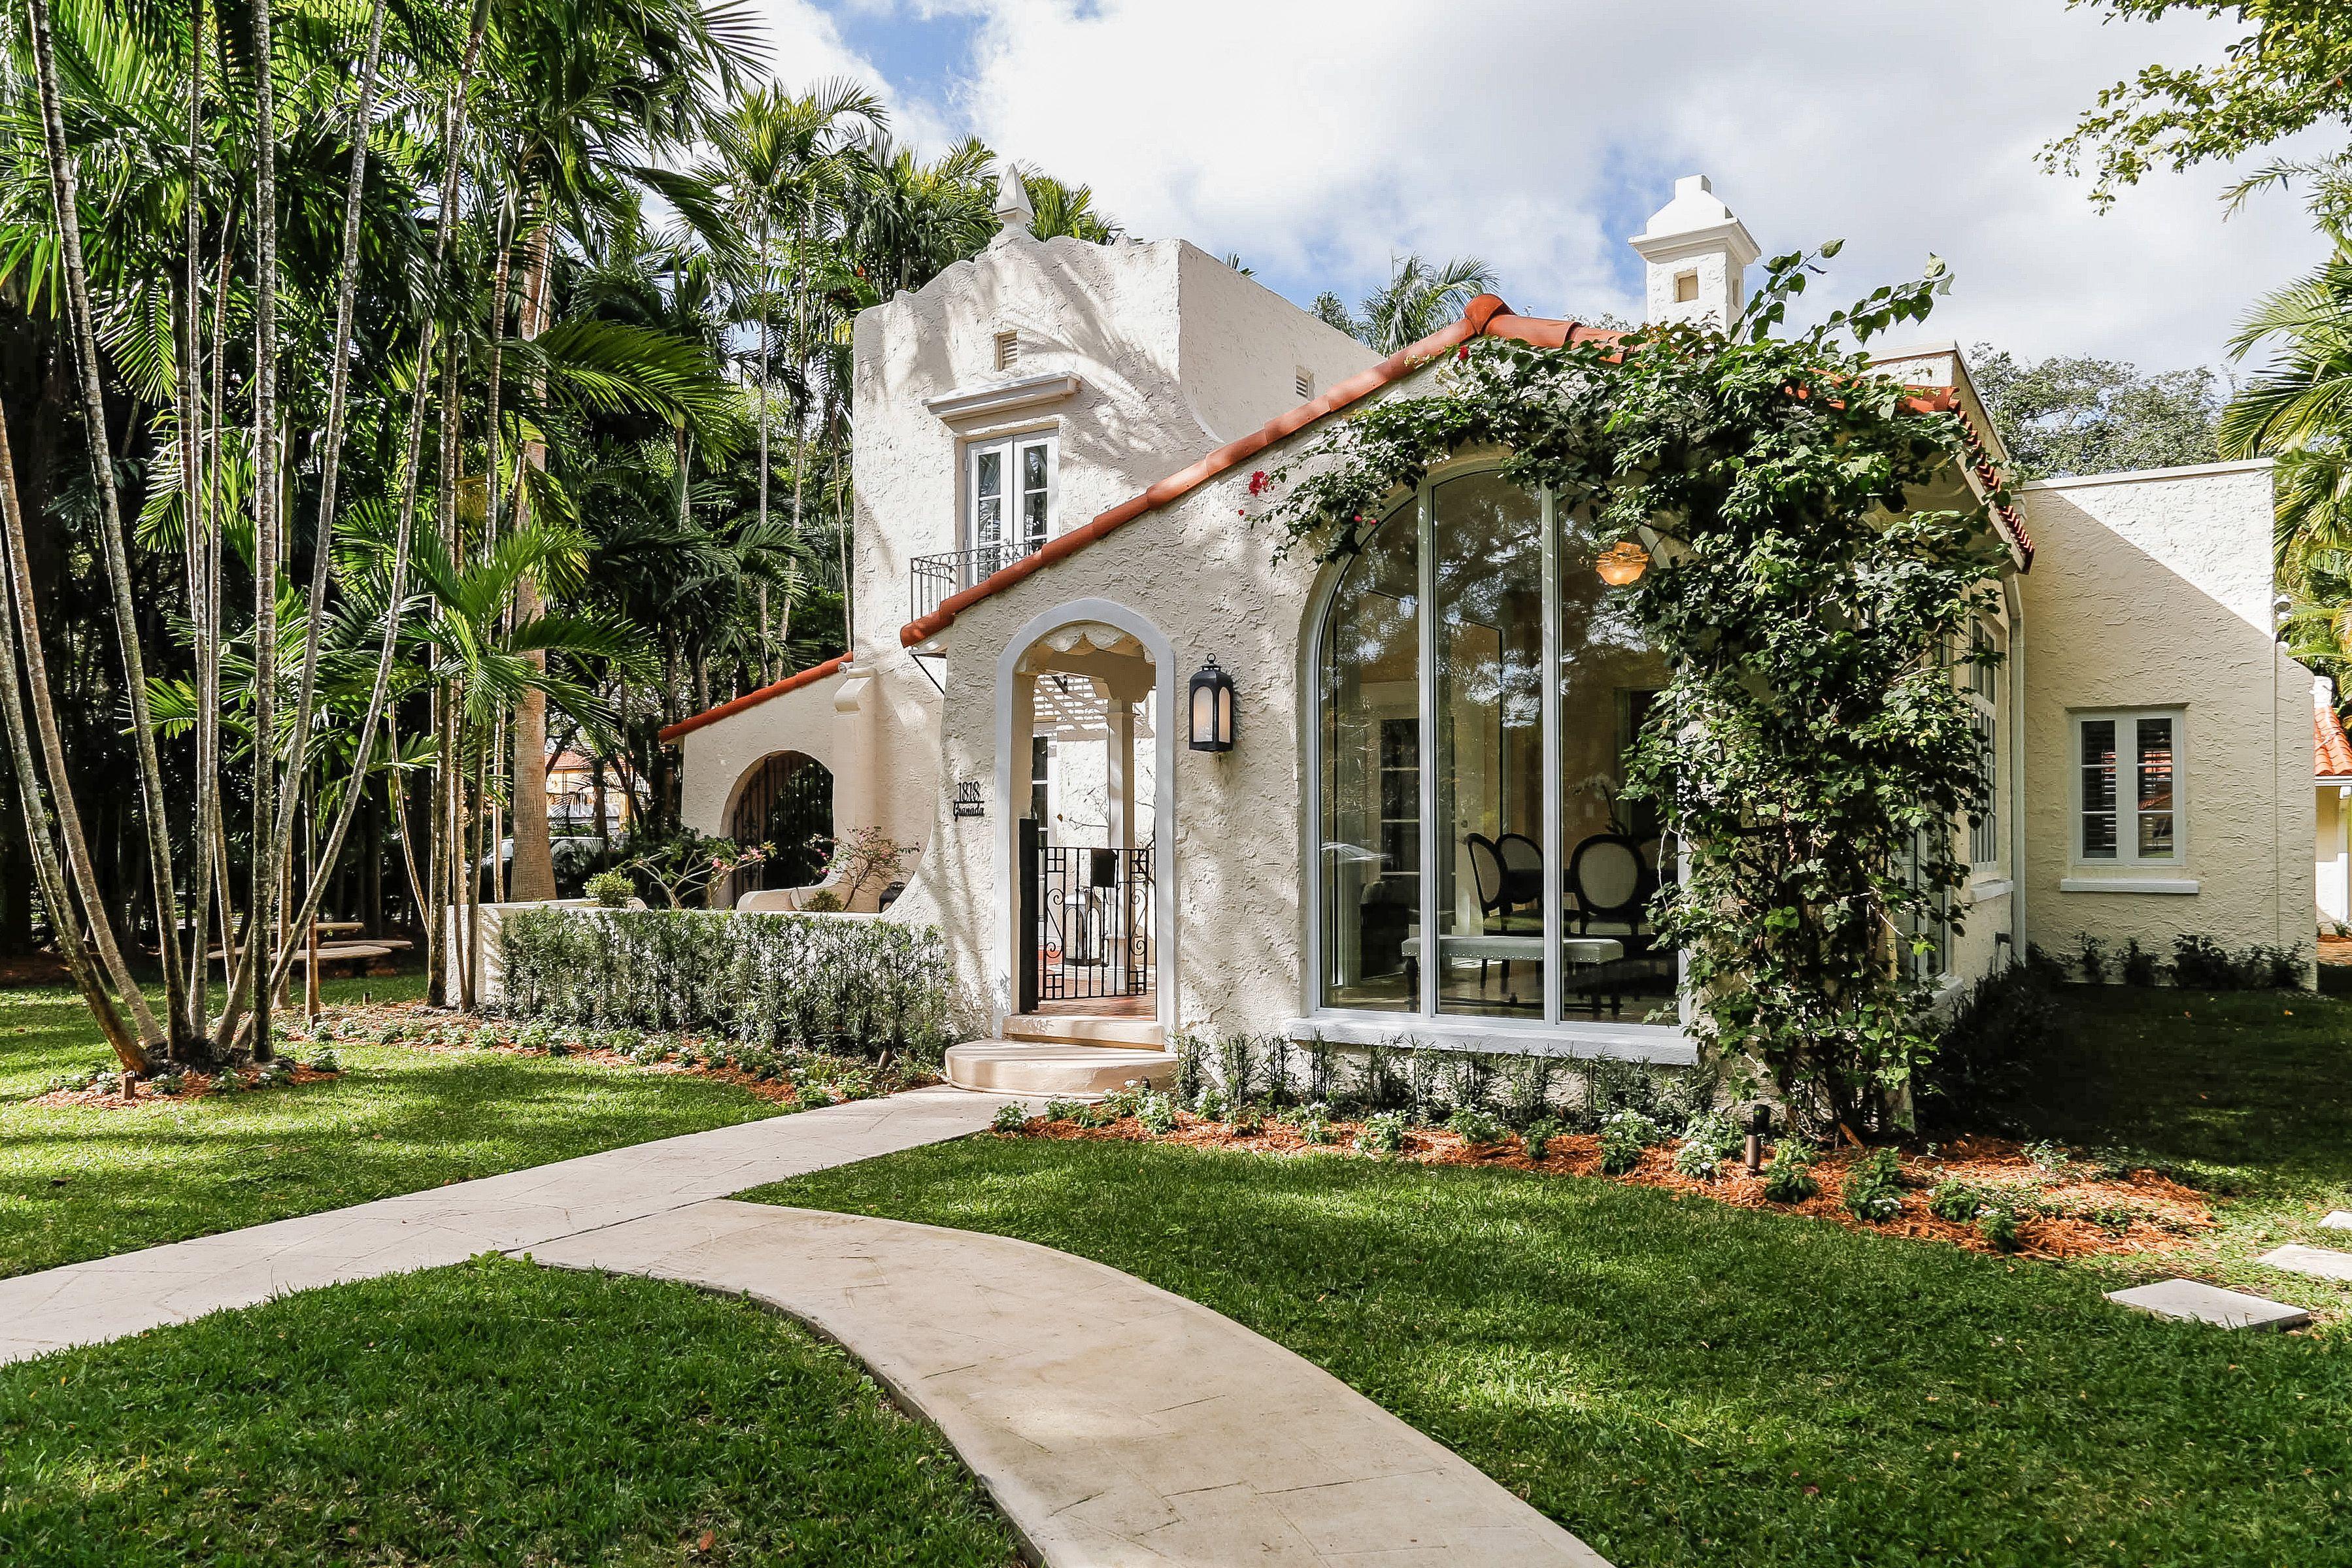 bdea8091d66b1266f2fc9551e8cf6a6b - Coral Gables Merrick House And Gardens